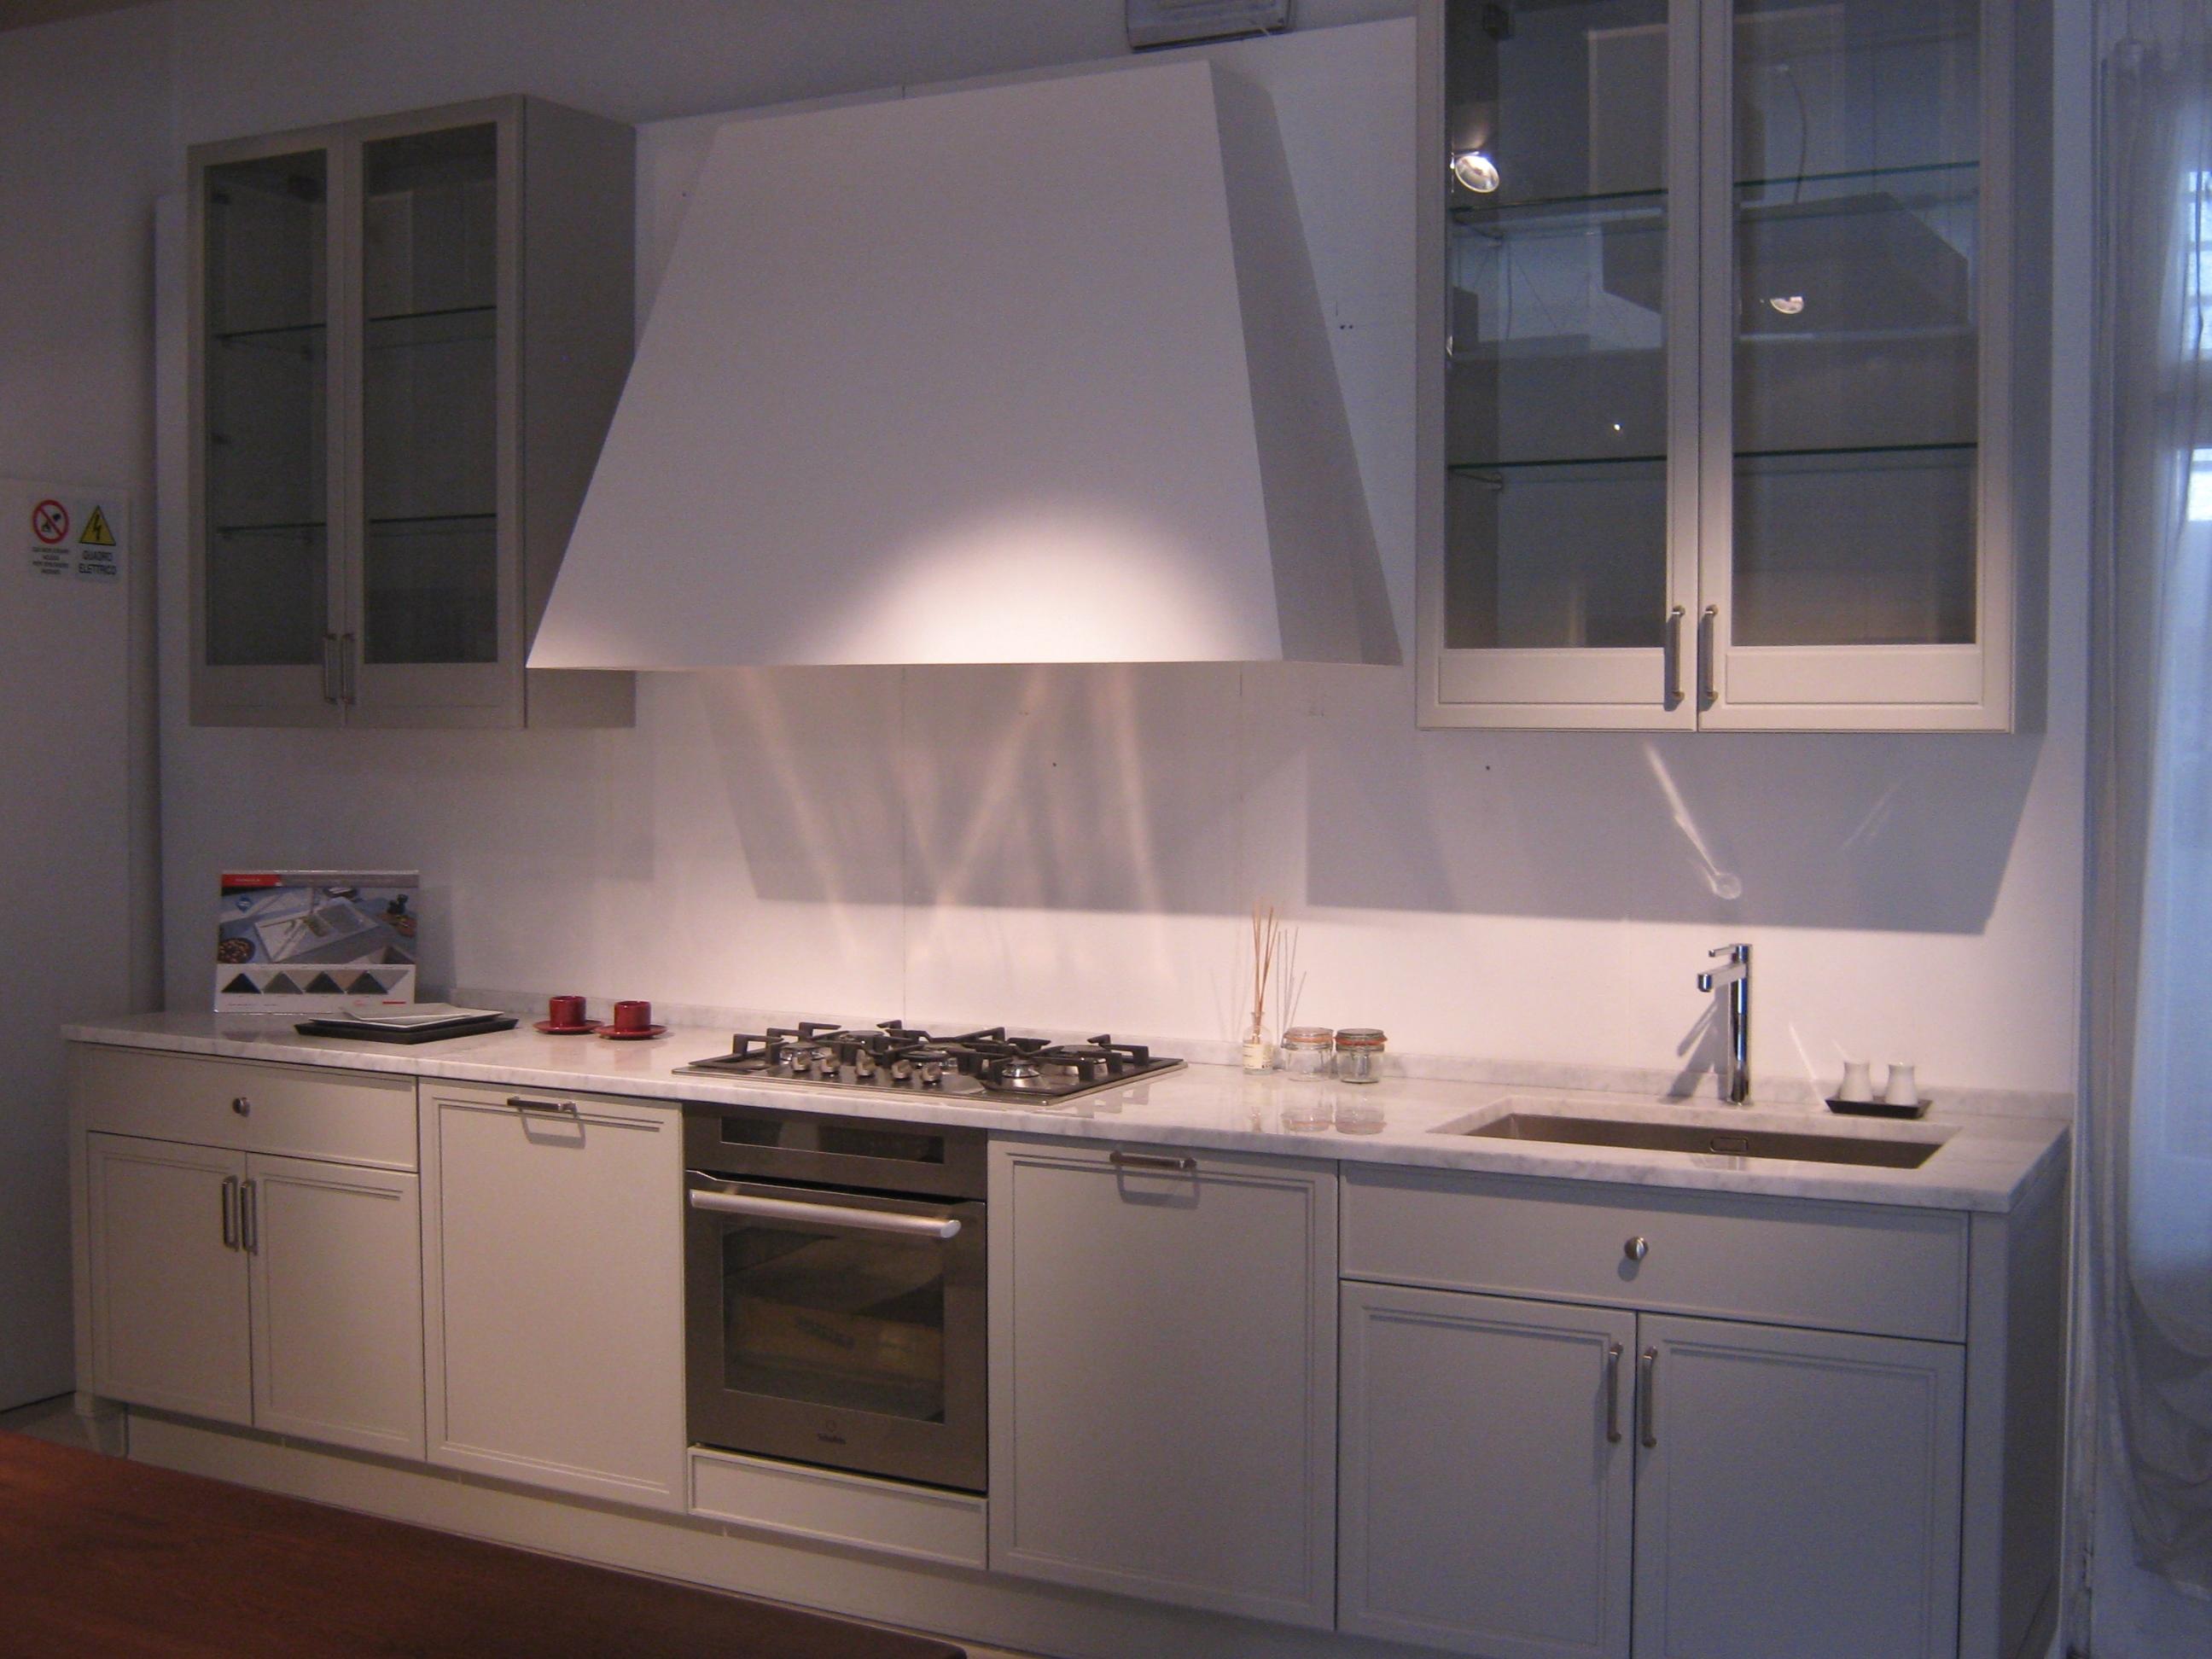 Cucina aster cucine avenue classica laccato opaco neutra cucine a prezzi scontati - Cucine aster prezzi ...